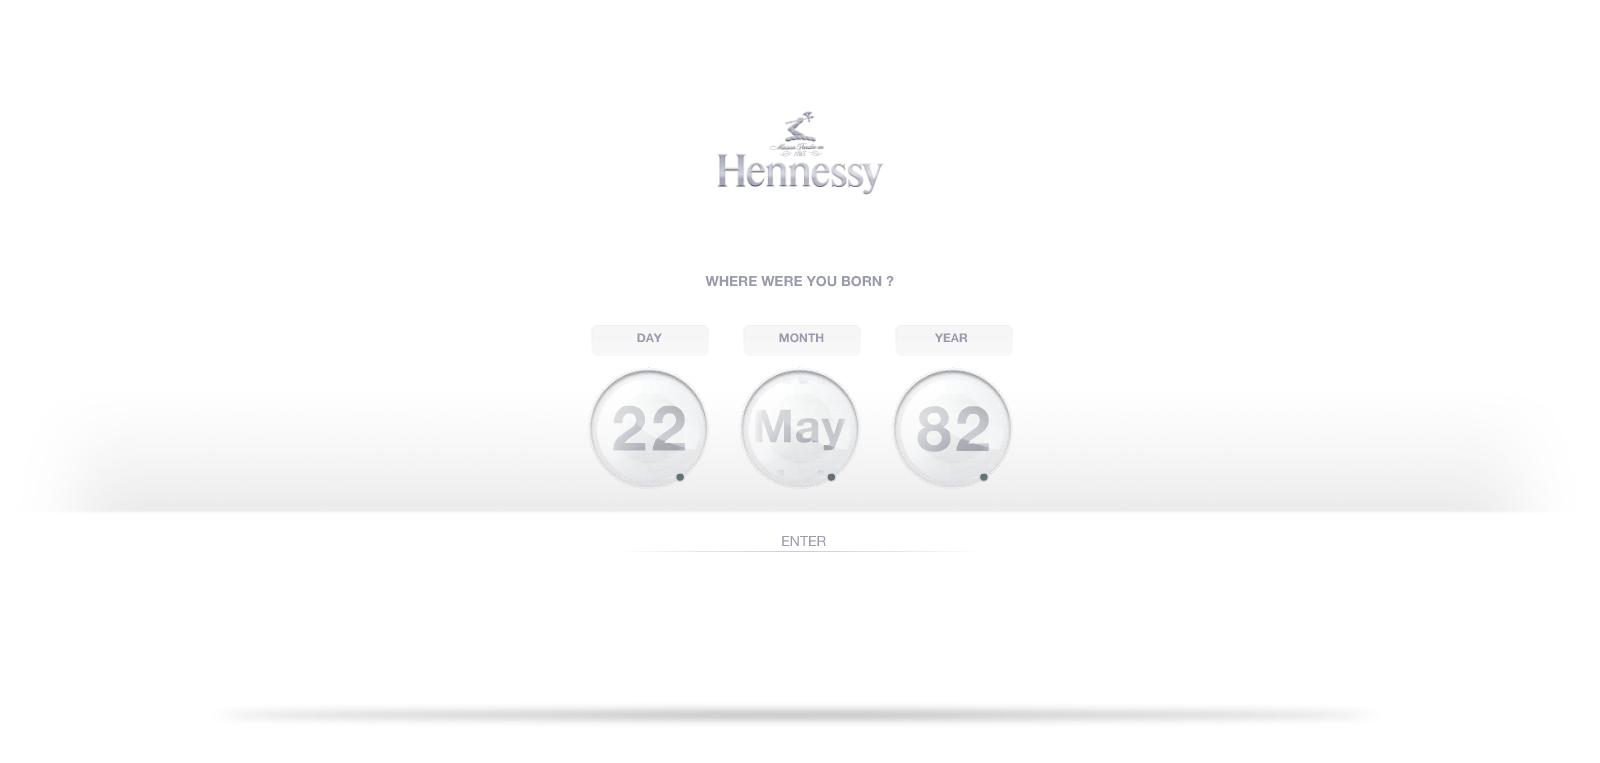 hennessy-2